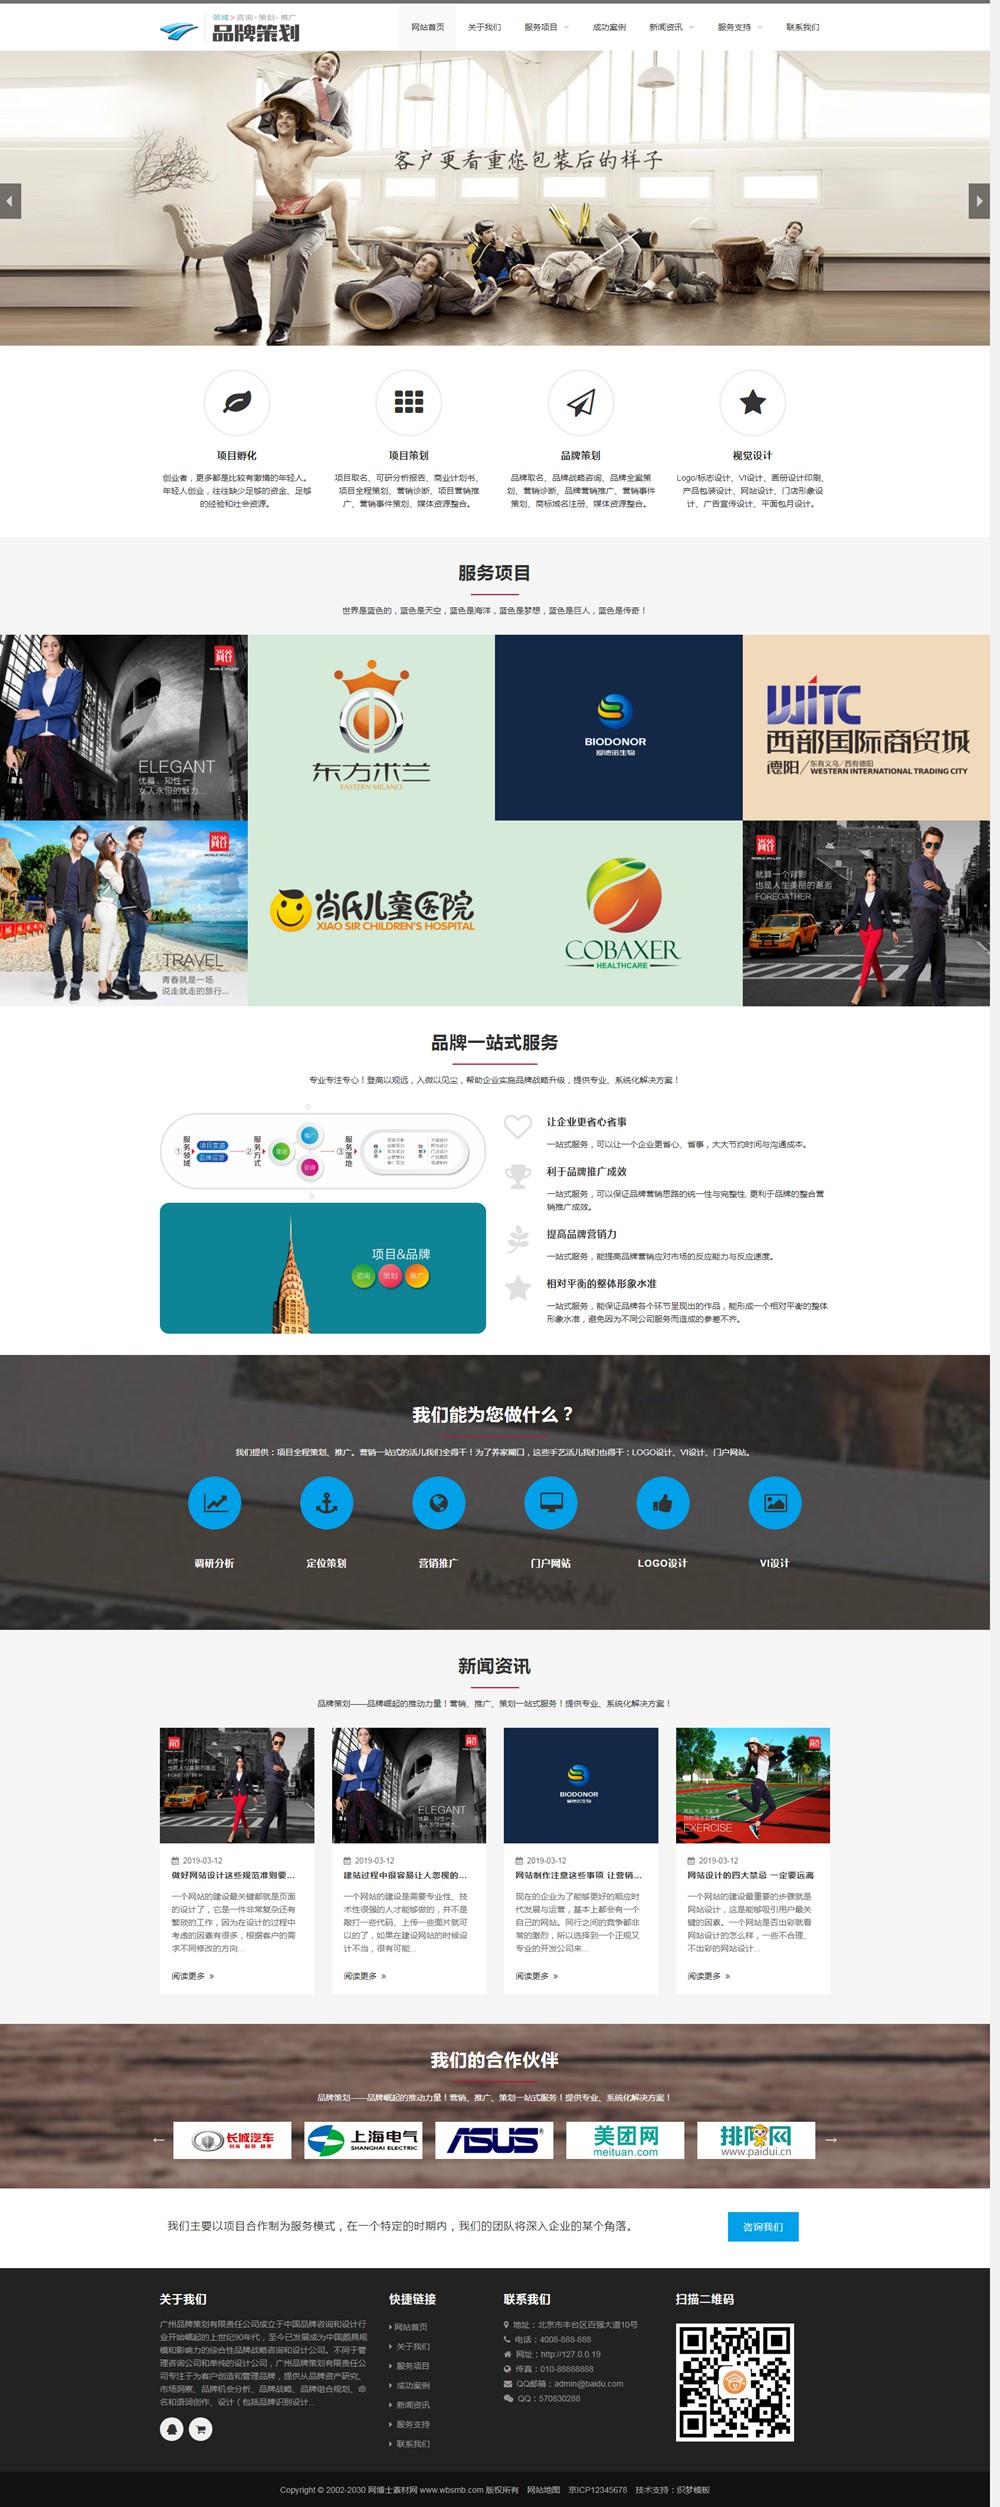 (自适应手机版)响应式品牌策划类网站织梦模板 HTML5策划企划营销类企业网站源码